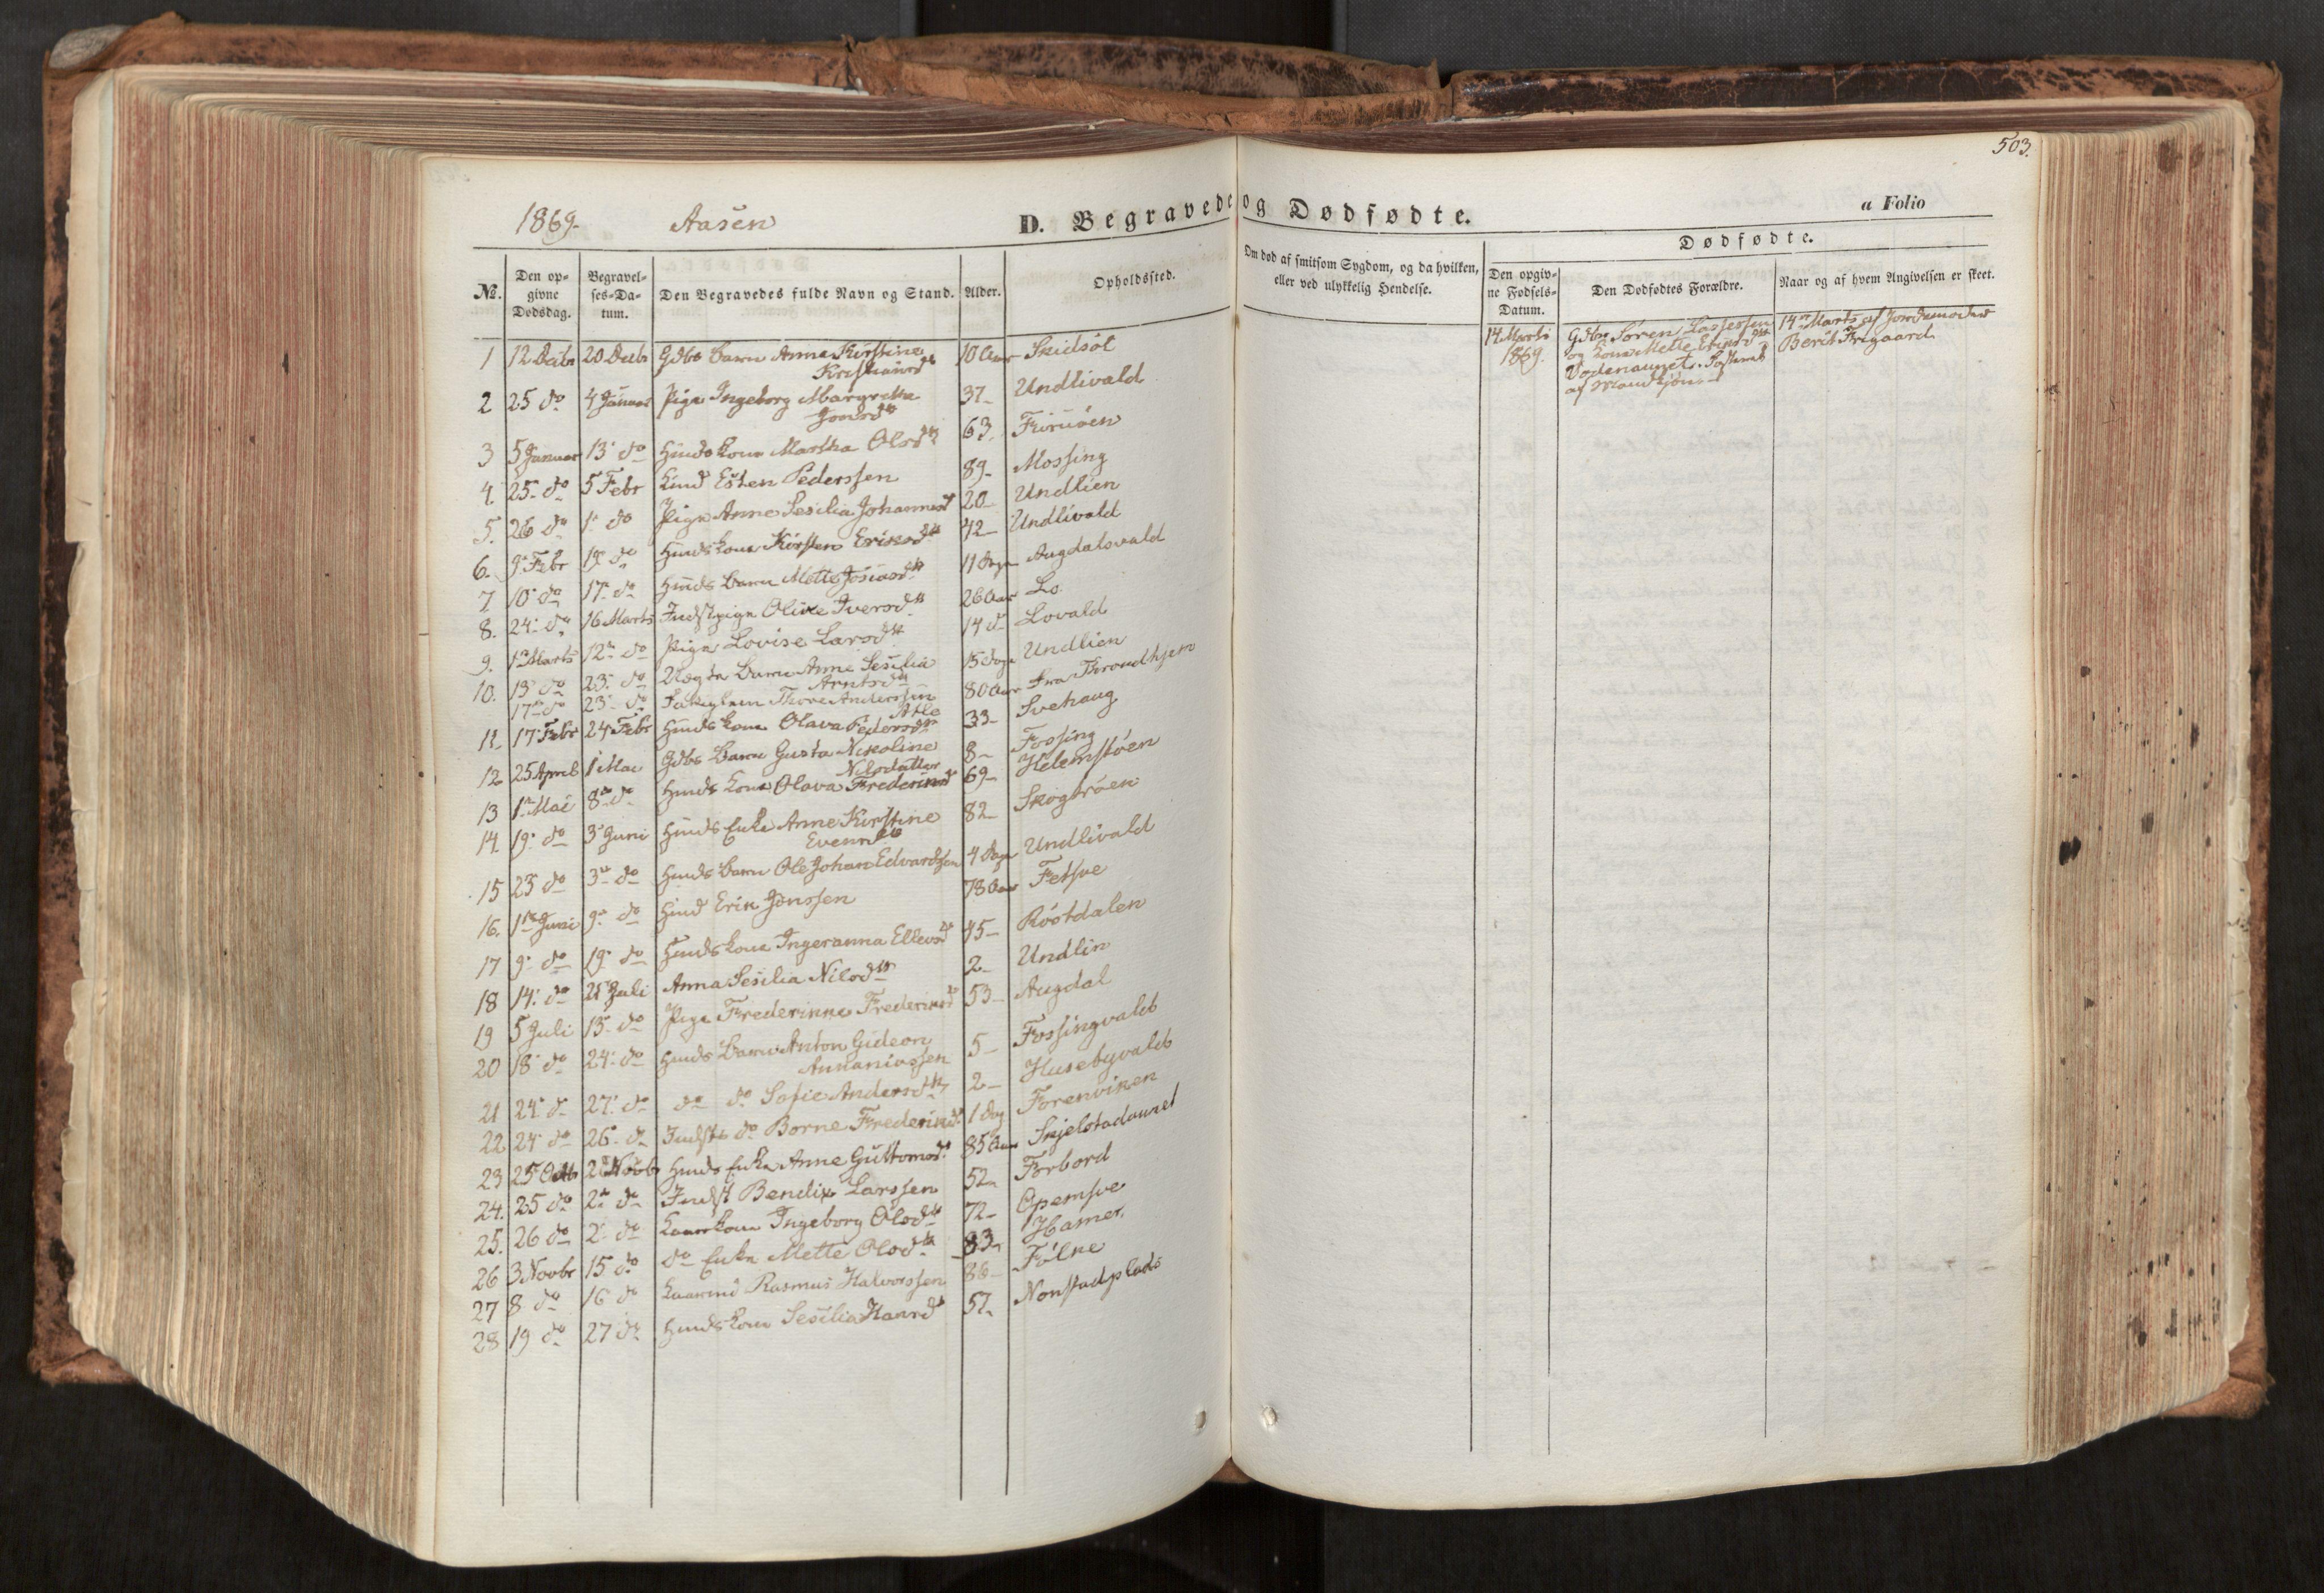 SAT, Ministerialprotokoller, klokkerbøker og fødselsregistre - Nord-Trøndelag, 713/L0116: Ministerialbok nr. 713A07, 1850-1877, s. 503